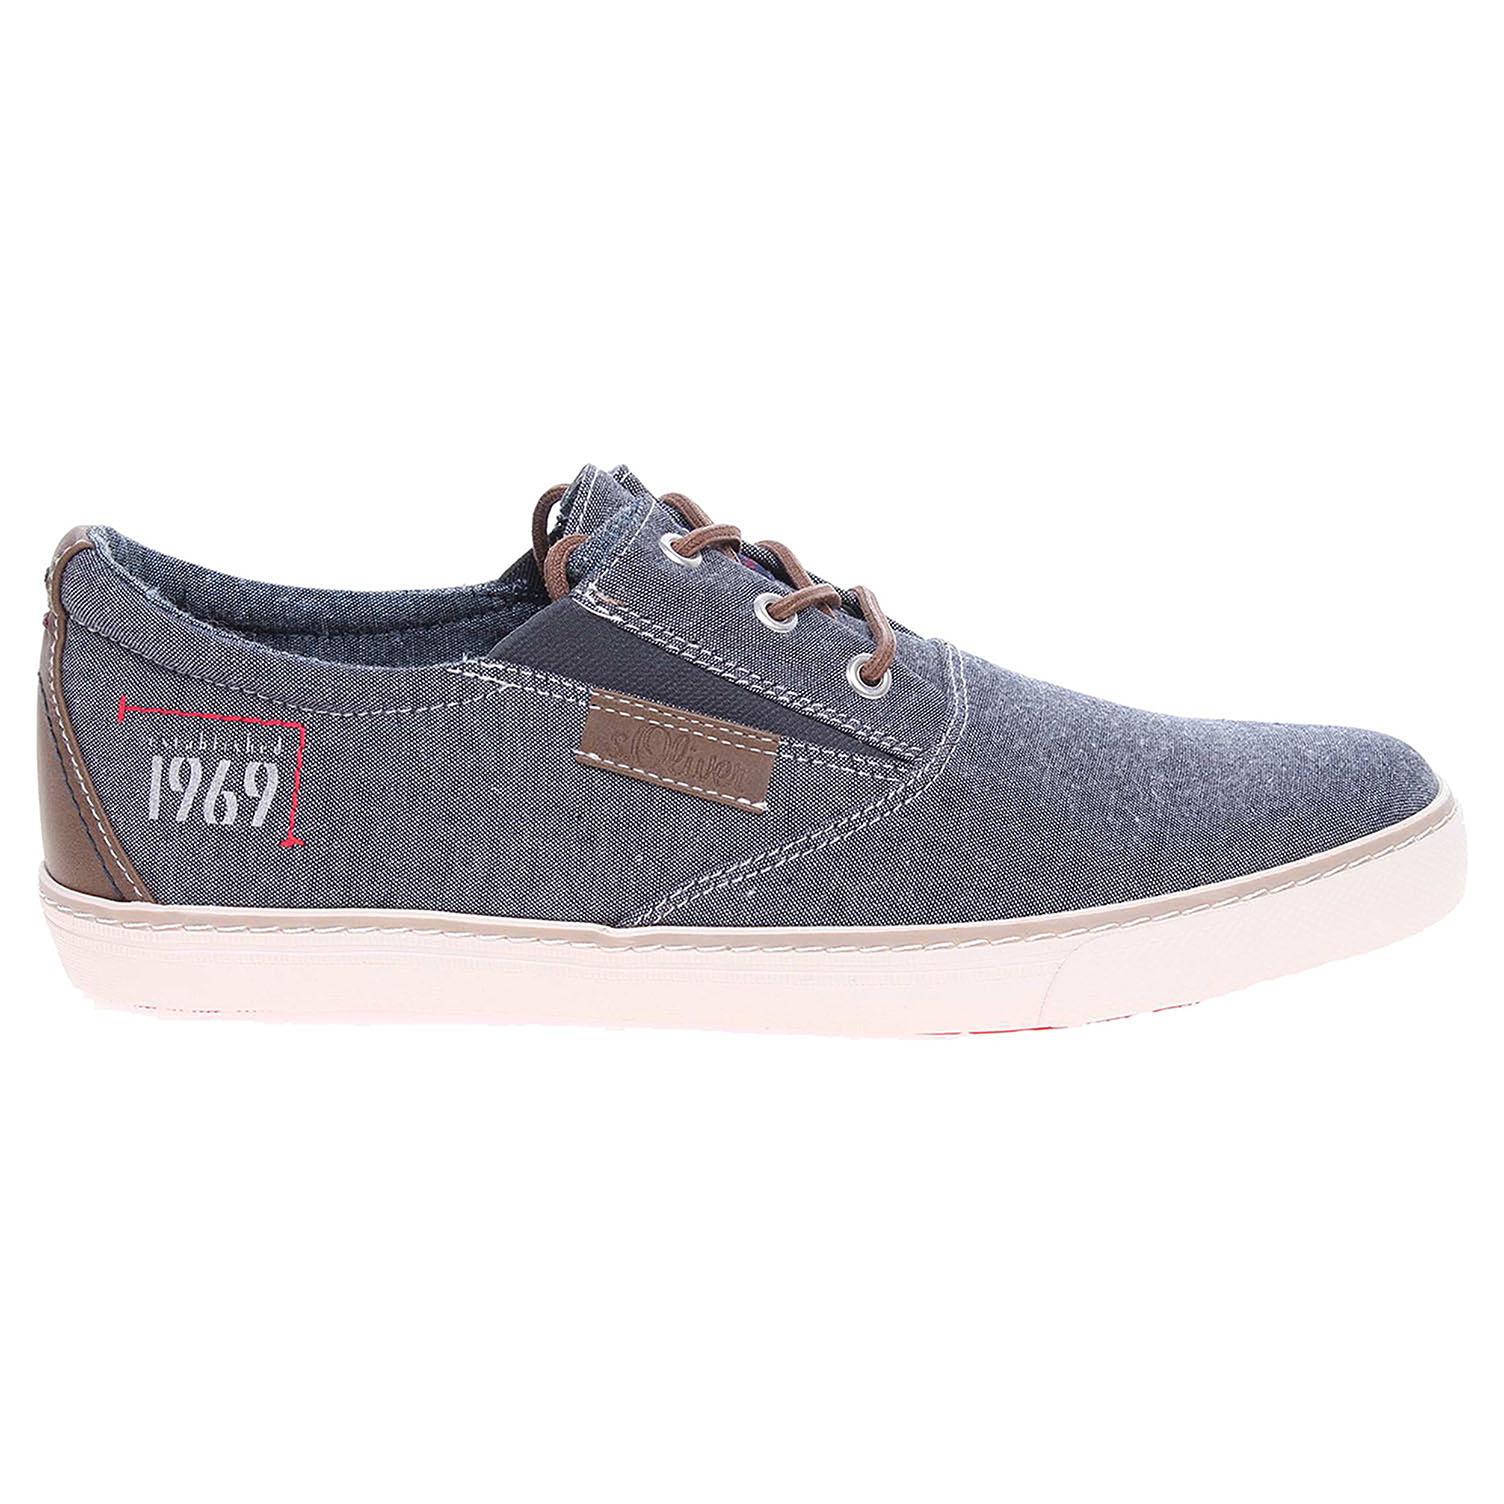 Ecco s.Oliver pánská obuv 5-13613-28 modrá 24000437